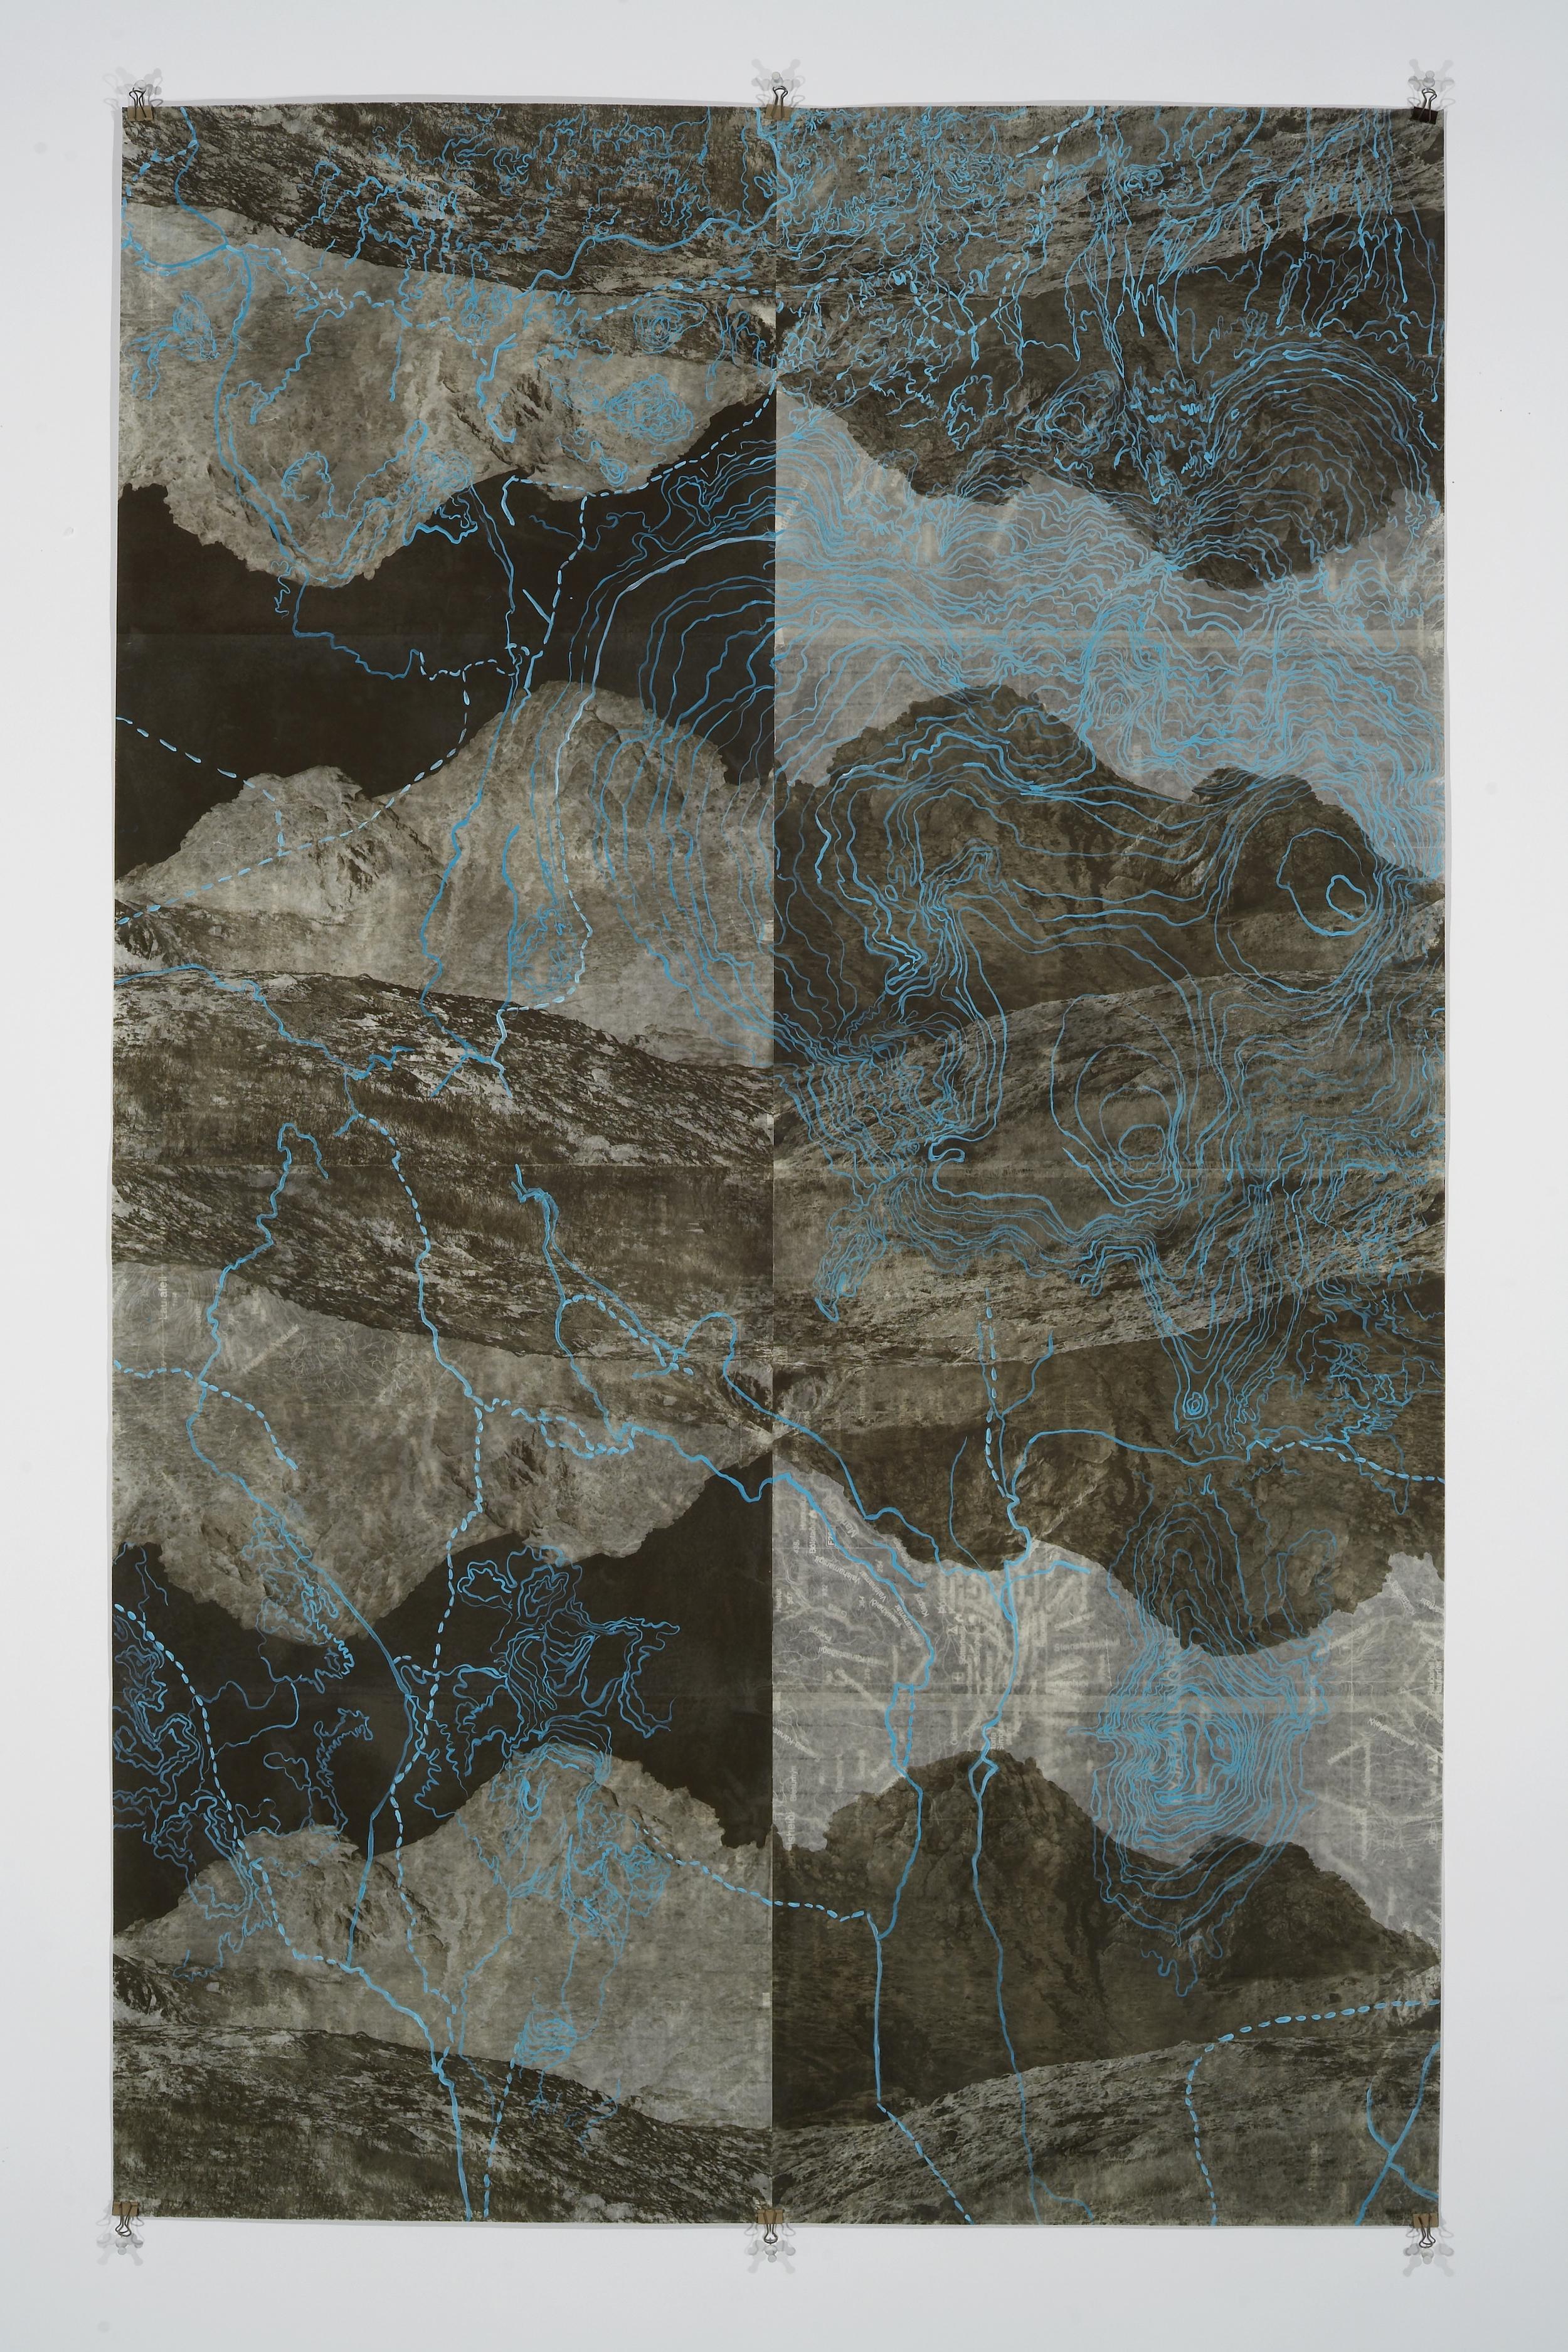 """Eyjafjoll ScrollII, 2006   Photogravure on kozo shi, digital pigment print, oil paint,wax in layers   65.5"""" X 41"""""""